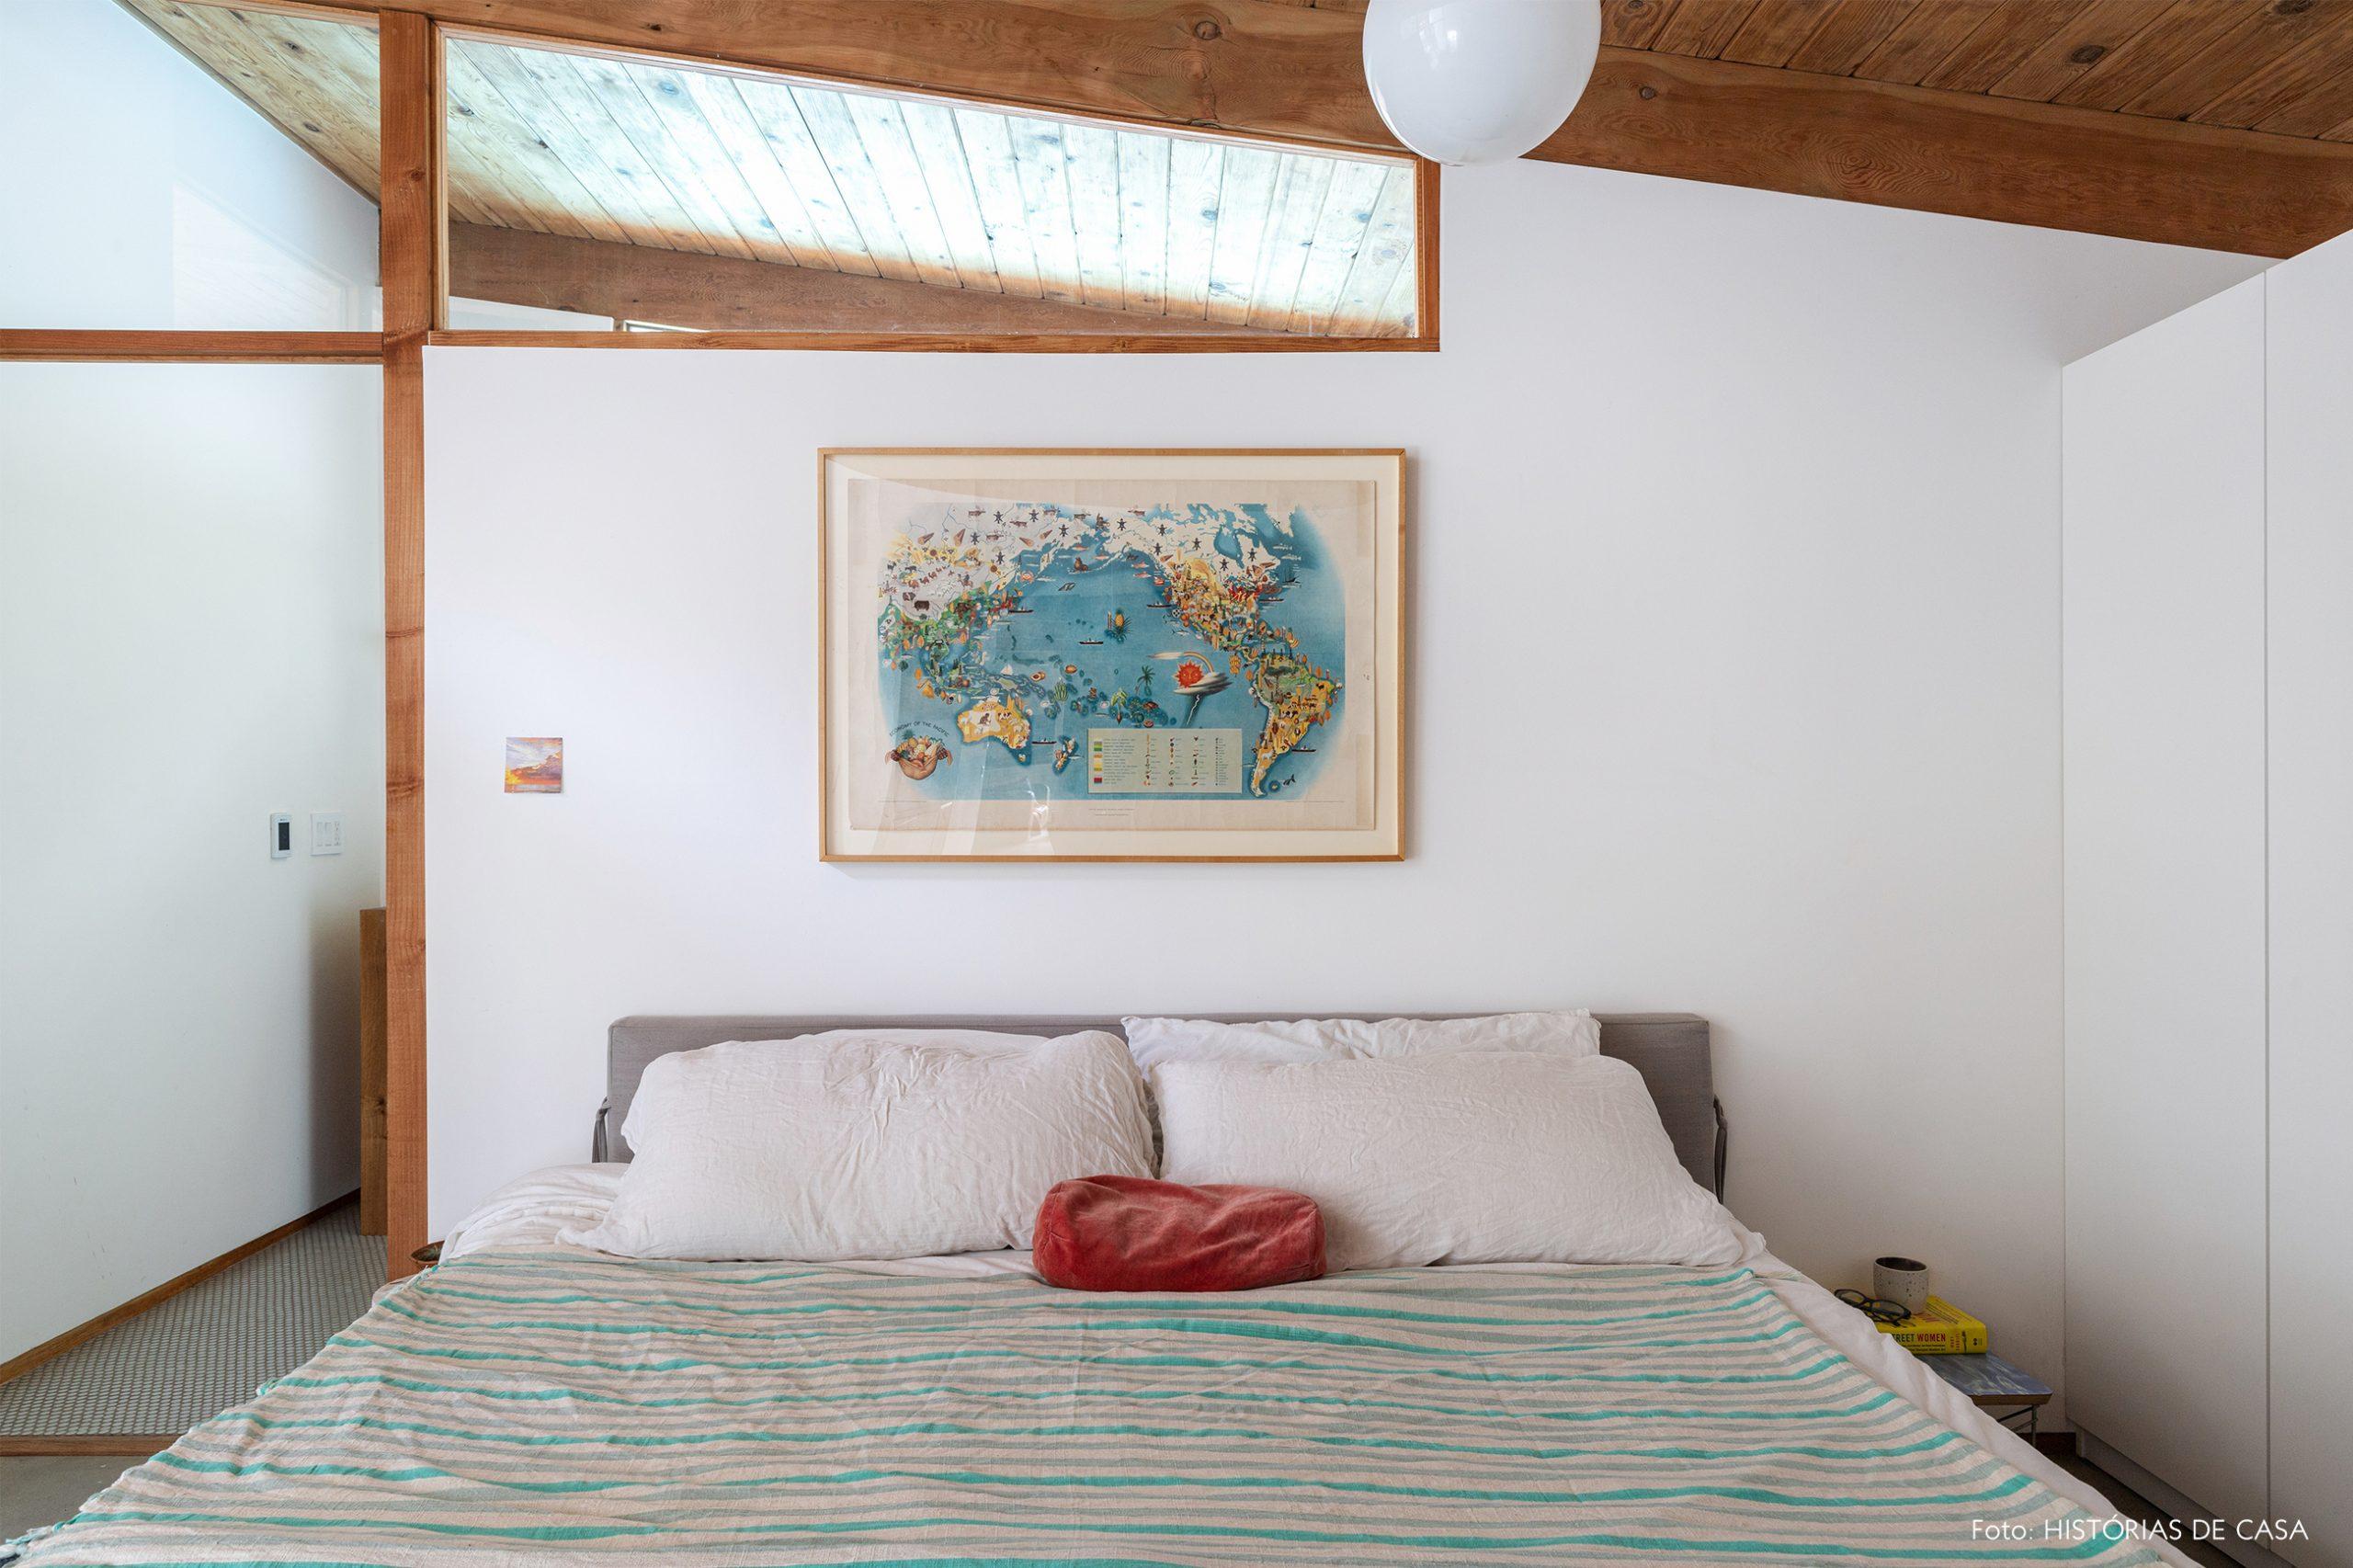 decoração casa quarto com estrutura de madeira e mapa em quadro